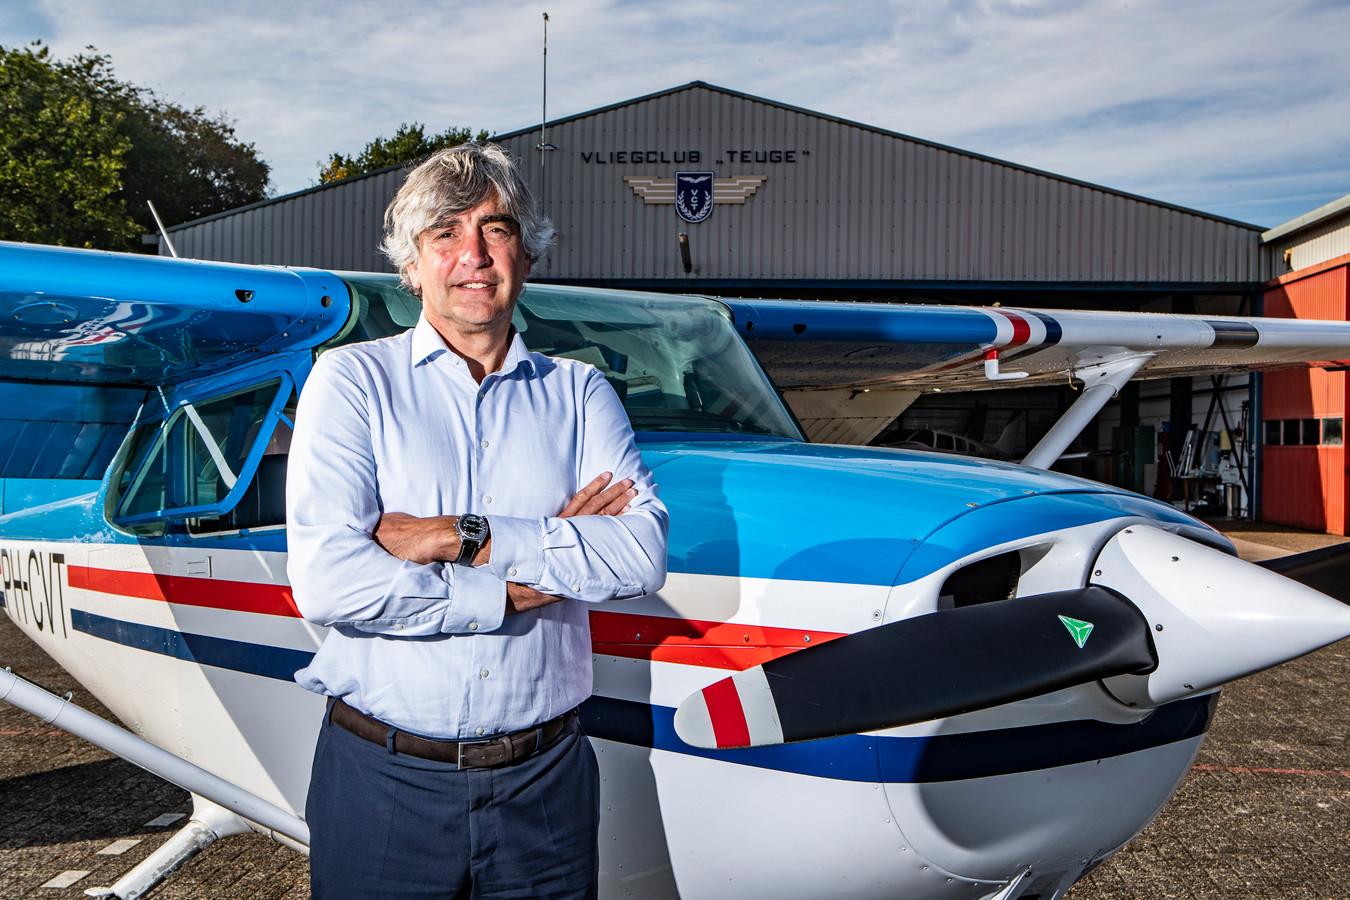 Matthijs de Haan, directeur van vliegveld Teuge, is verbaasd en gefrustreerd over de gang van zaken rond het Luchtvaartbesluit van de provincie Gelderland.